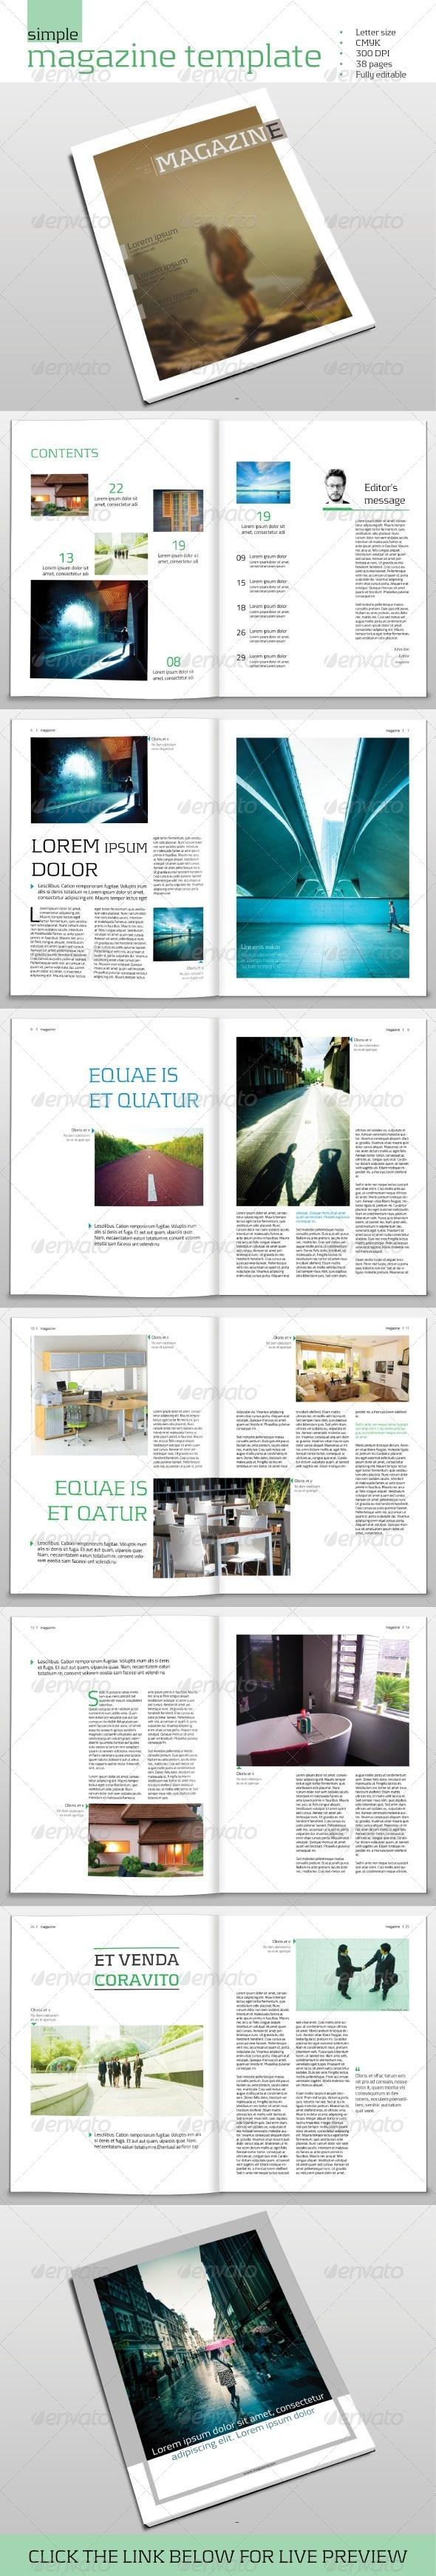 GraphicRiver Simple Magazine template 6778501